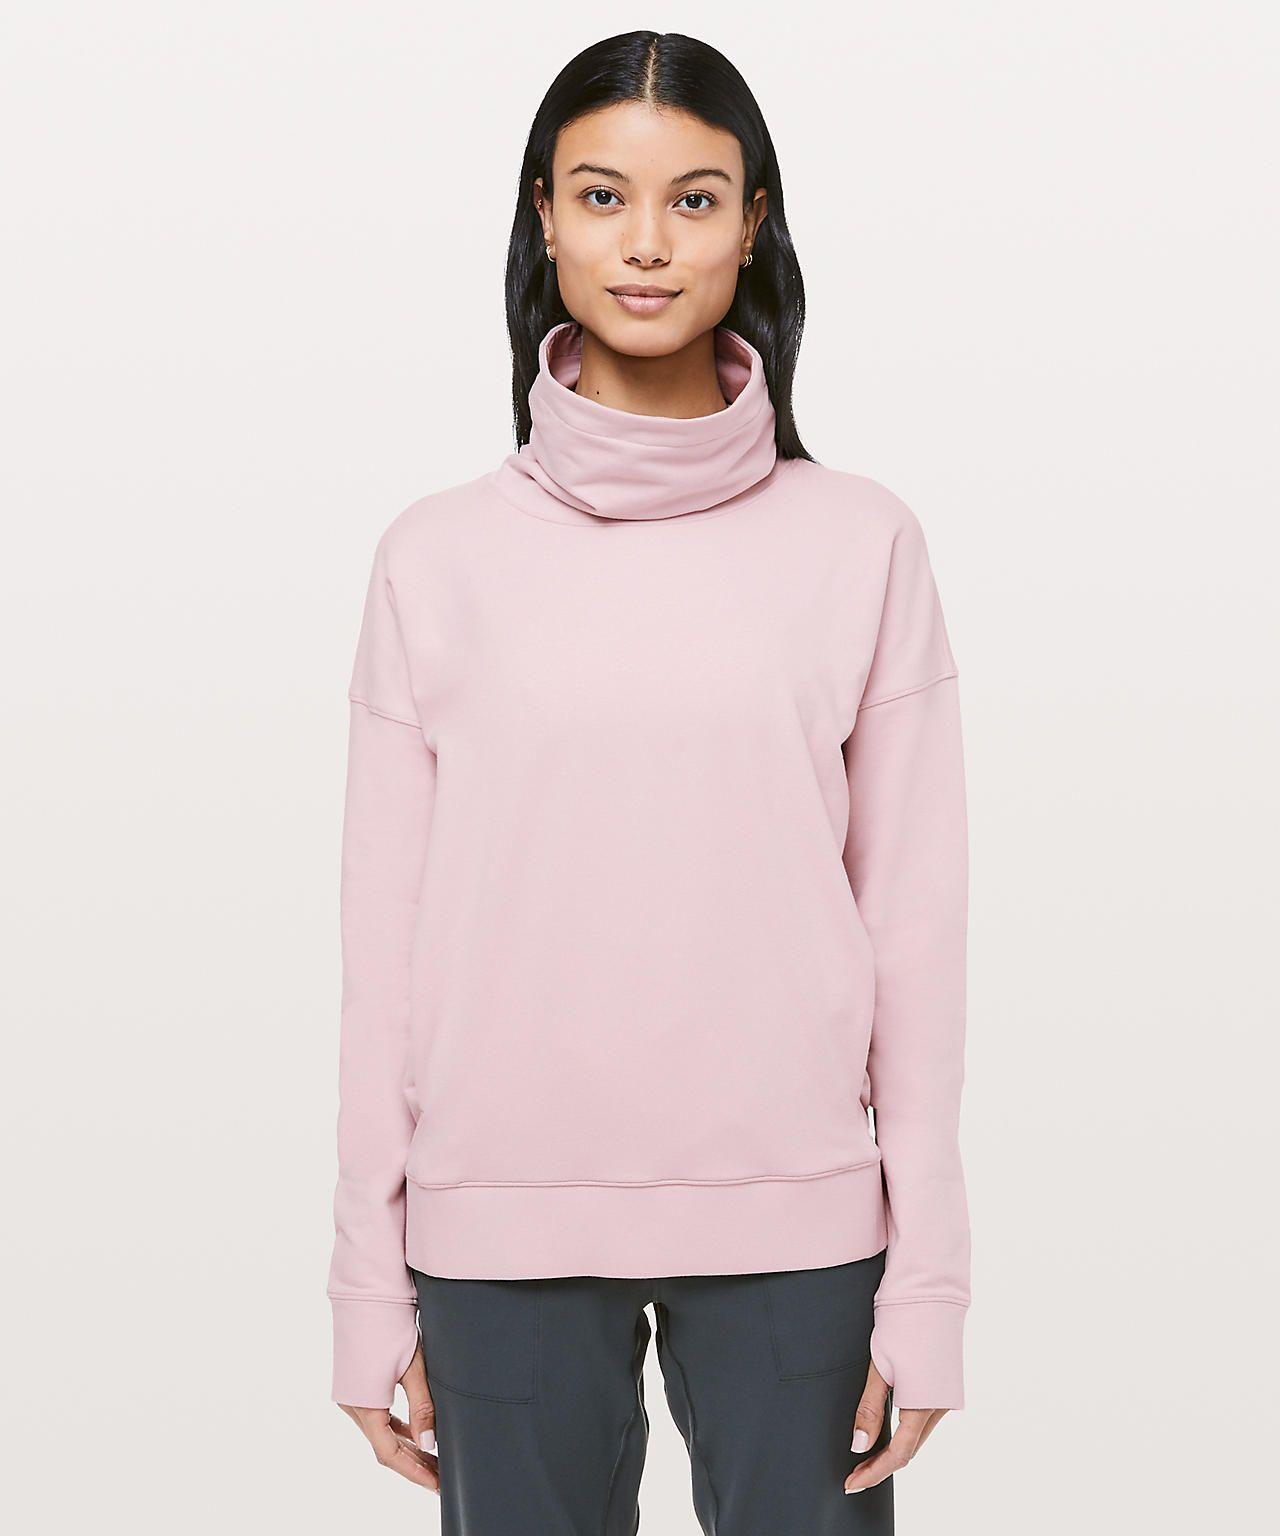 Go Forward Pullover Lululemon 108